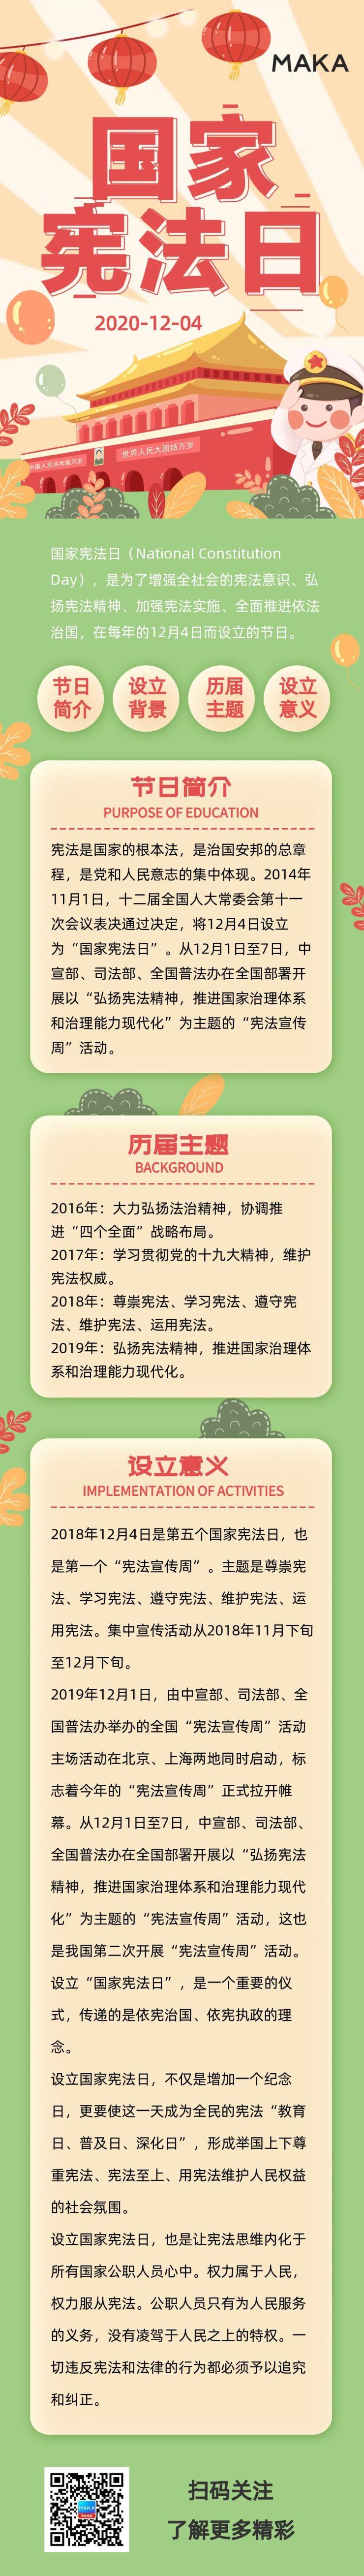 绿色扁平简约风格国家宪法日节日宣传长页H5